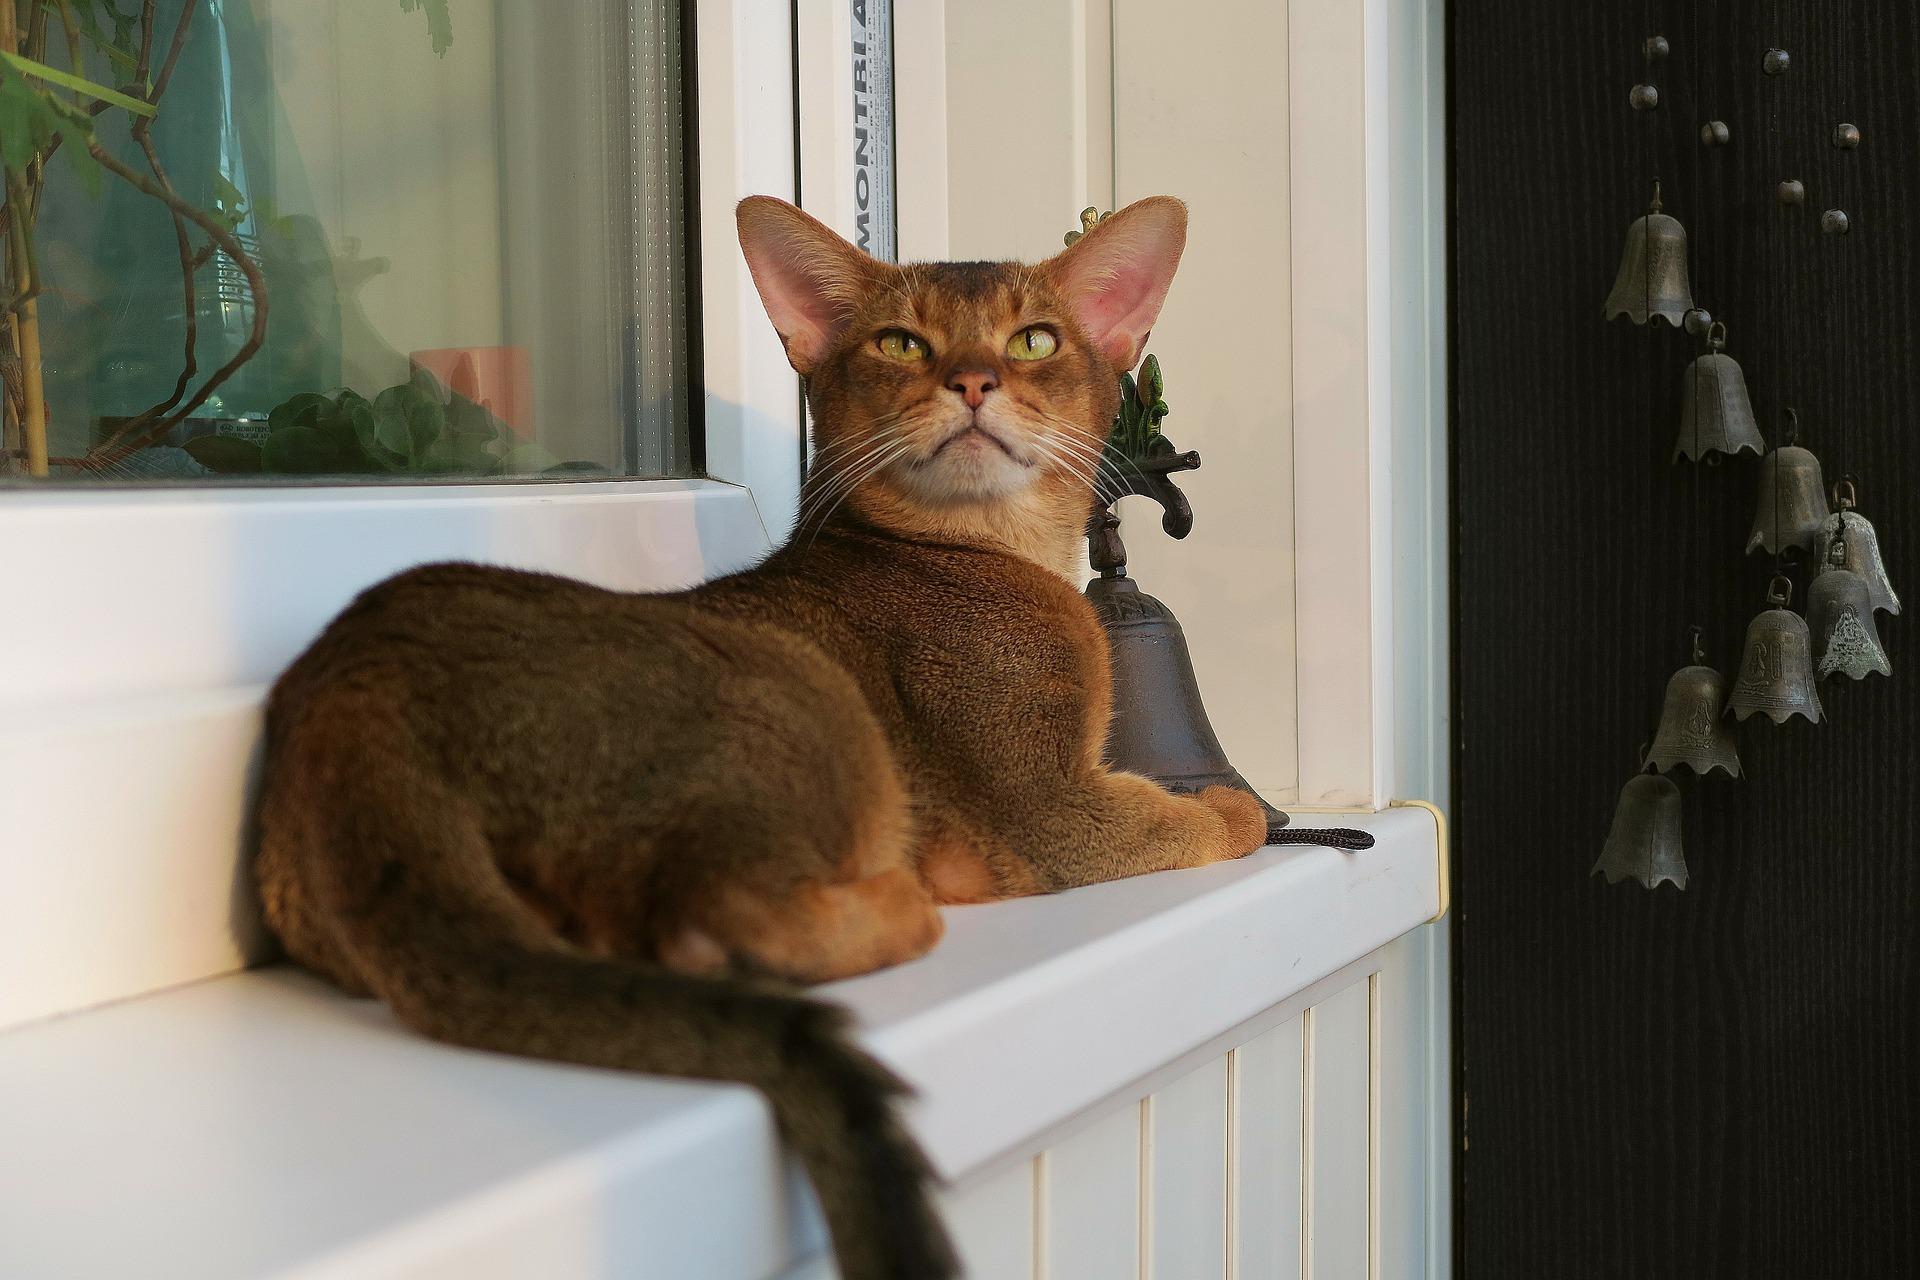 阿比西尼亚猫 - 猫咪鉴定器